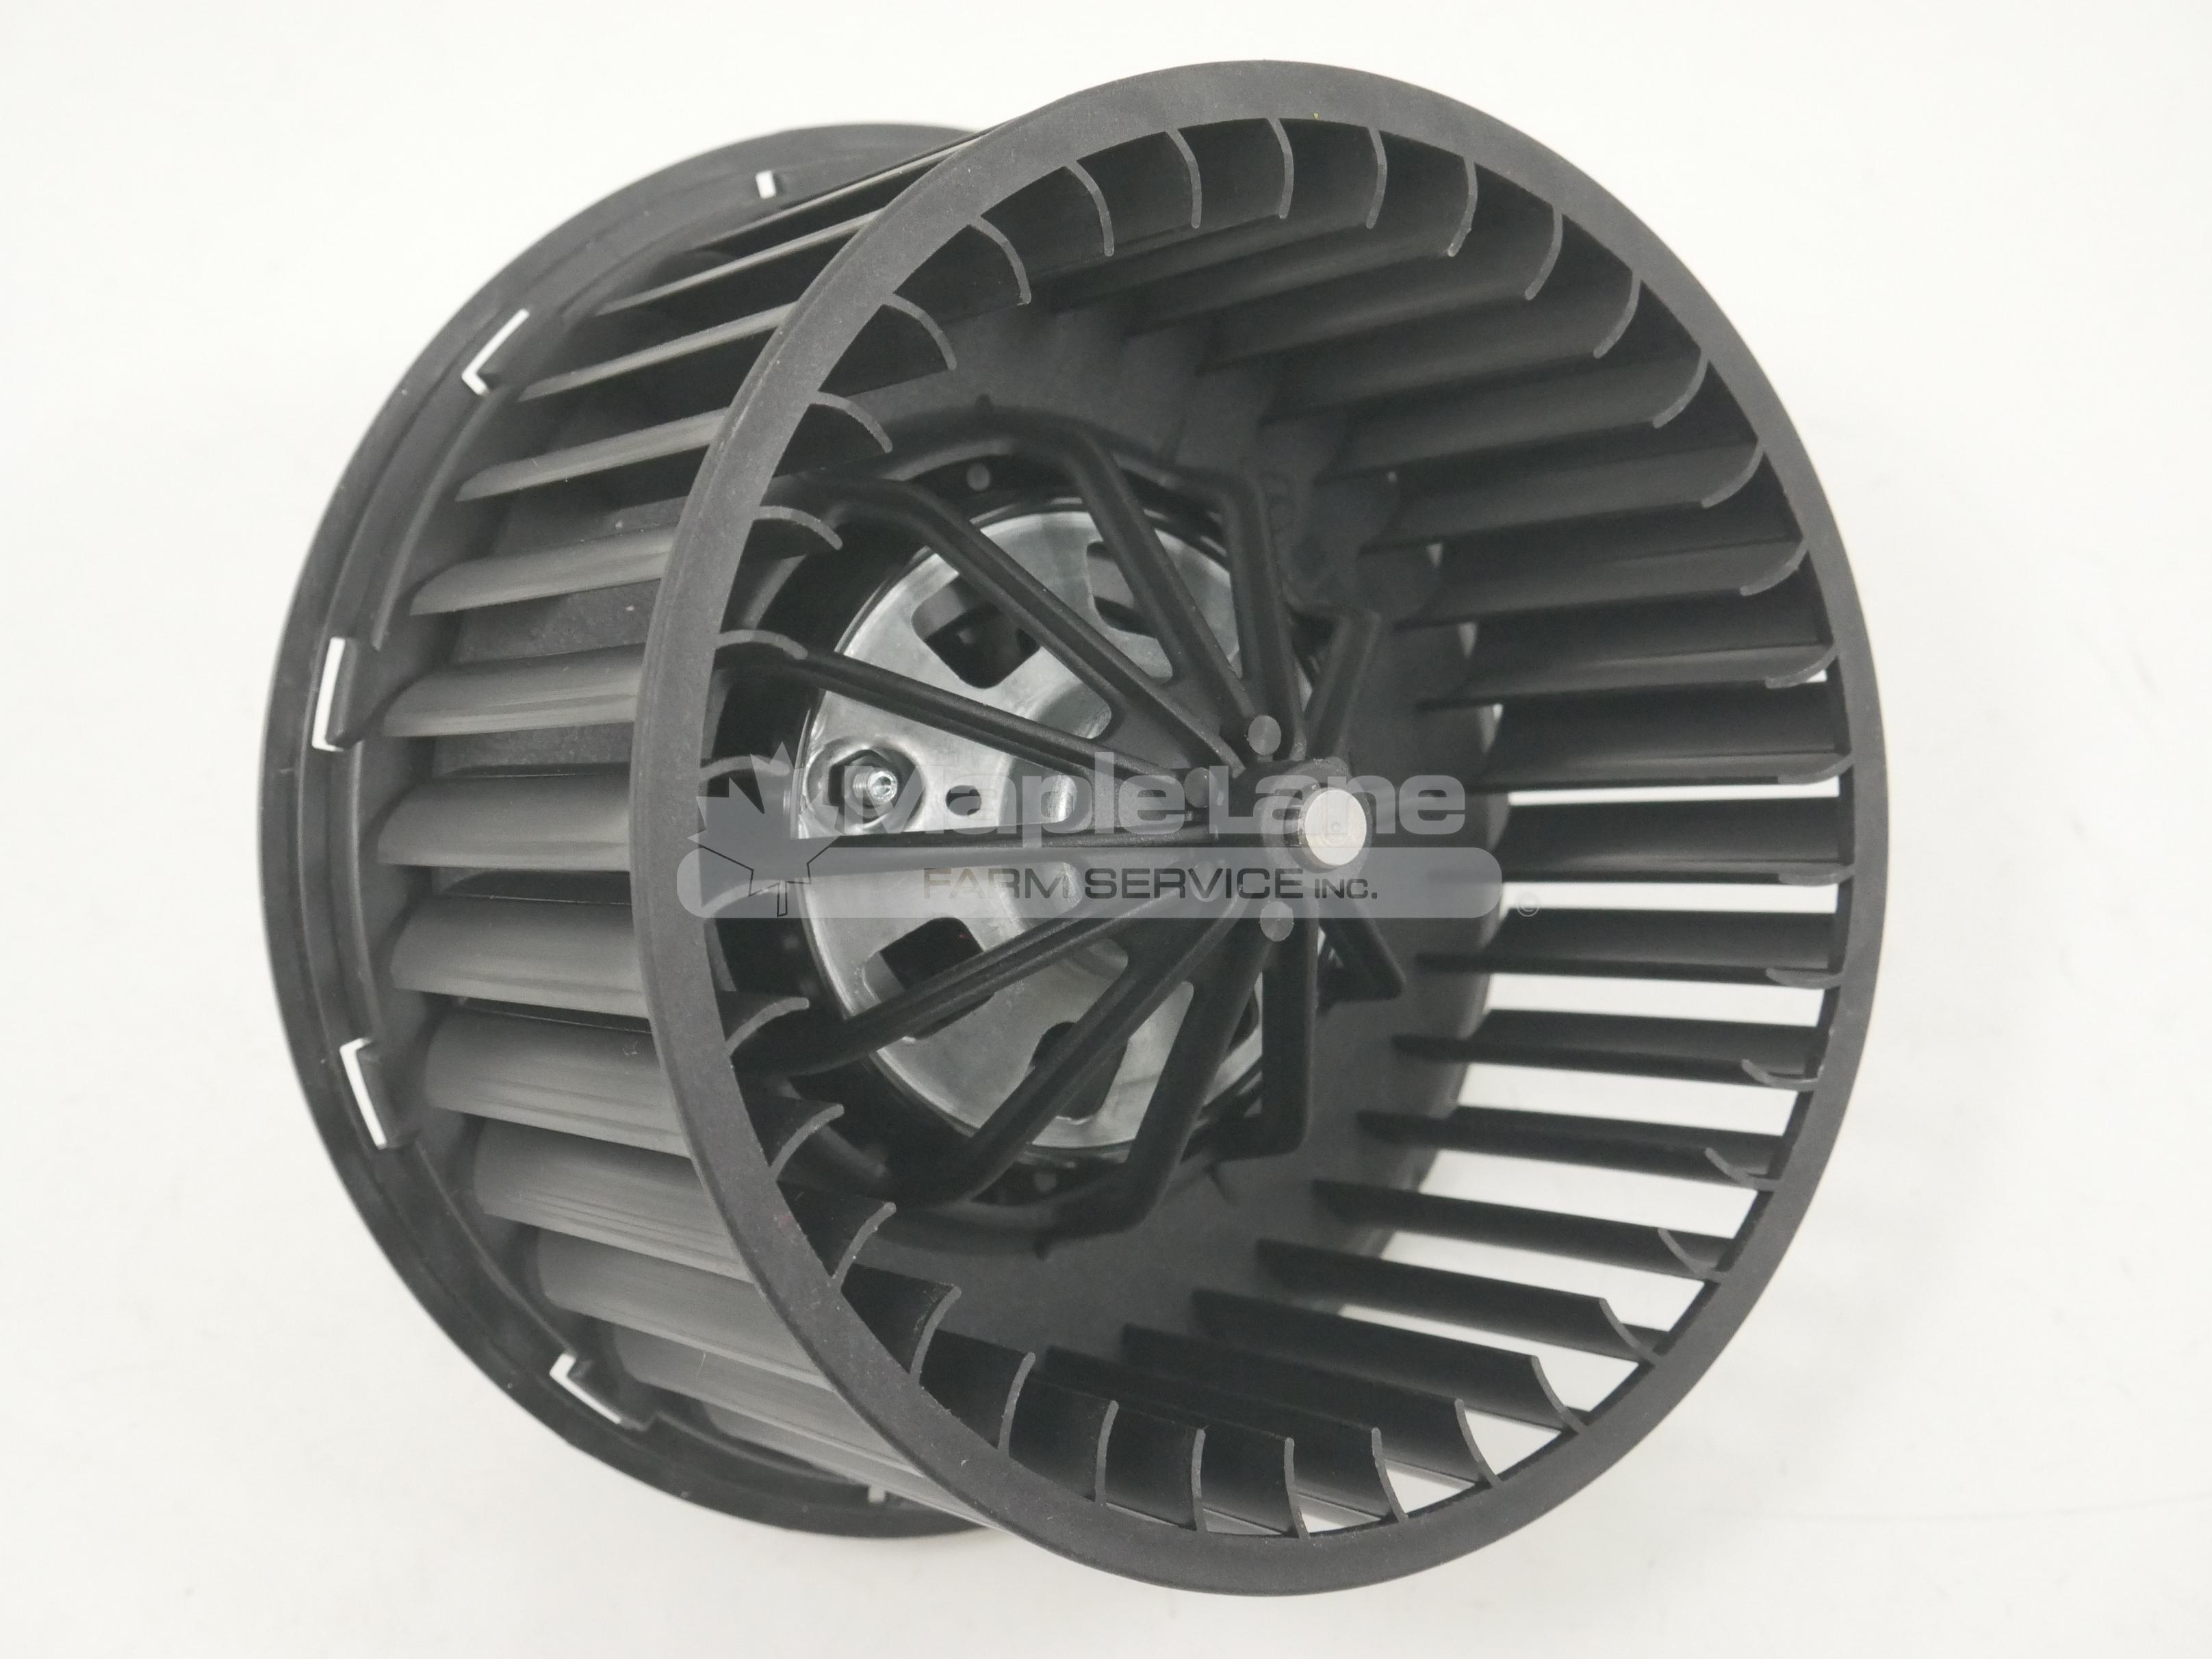 J746602 Fan